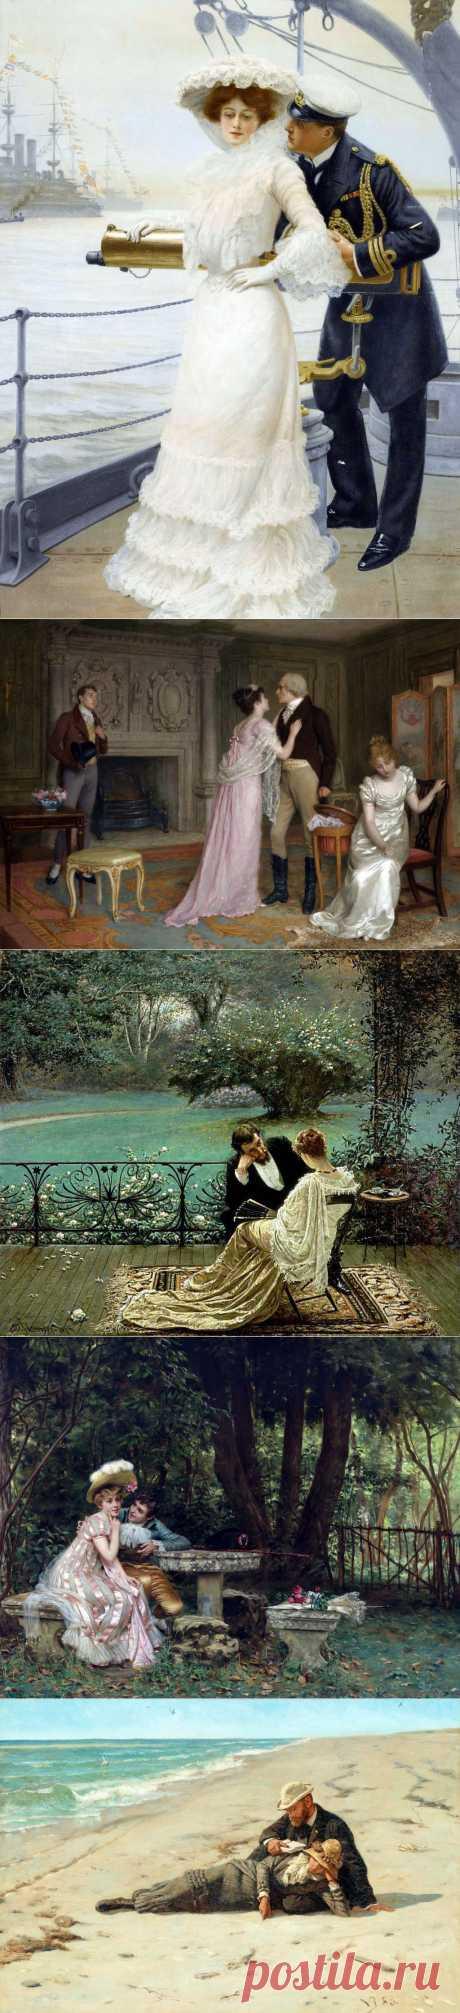 Романтическое ассорти...   Где есть любовь, там слов не надо....